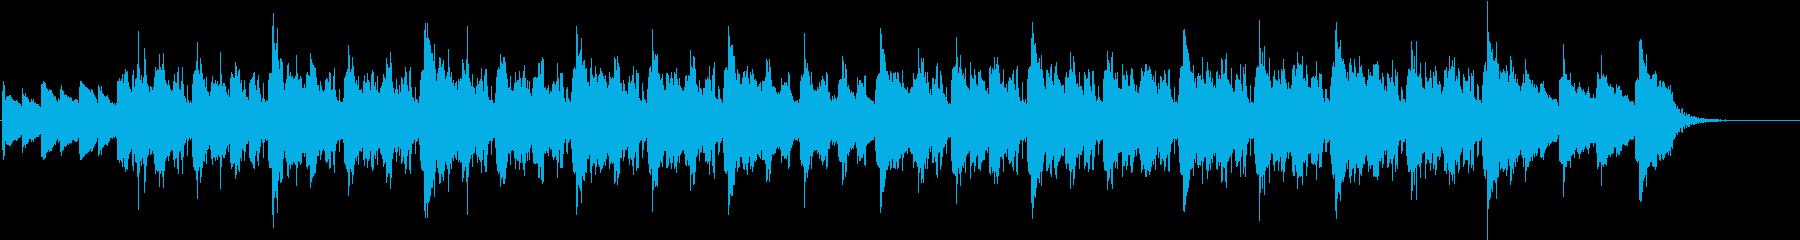 チルアウト、Lofi-Hiphopの再生済みの波形